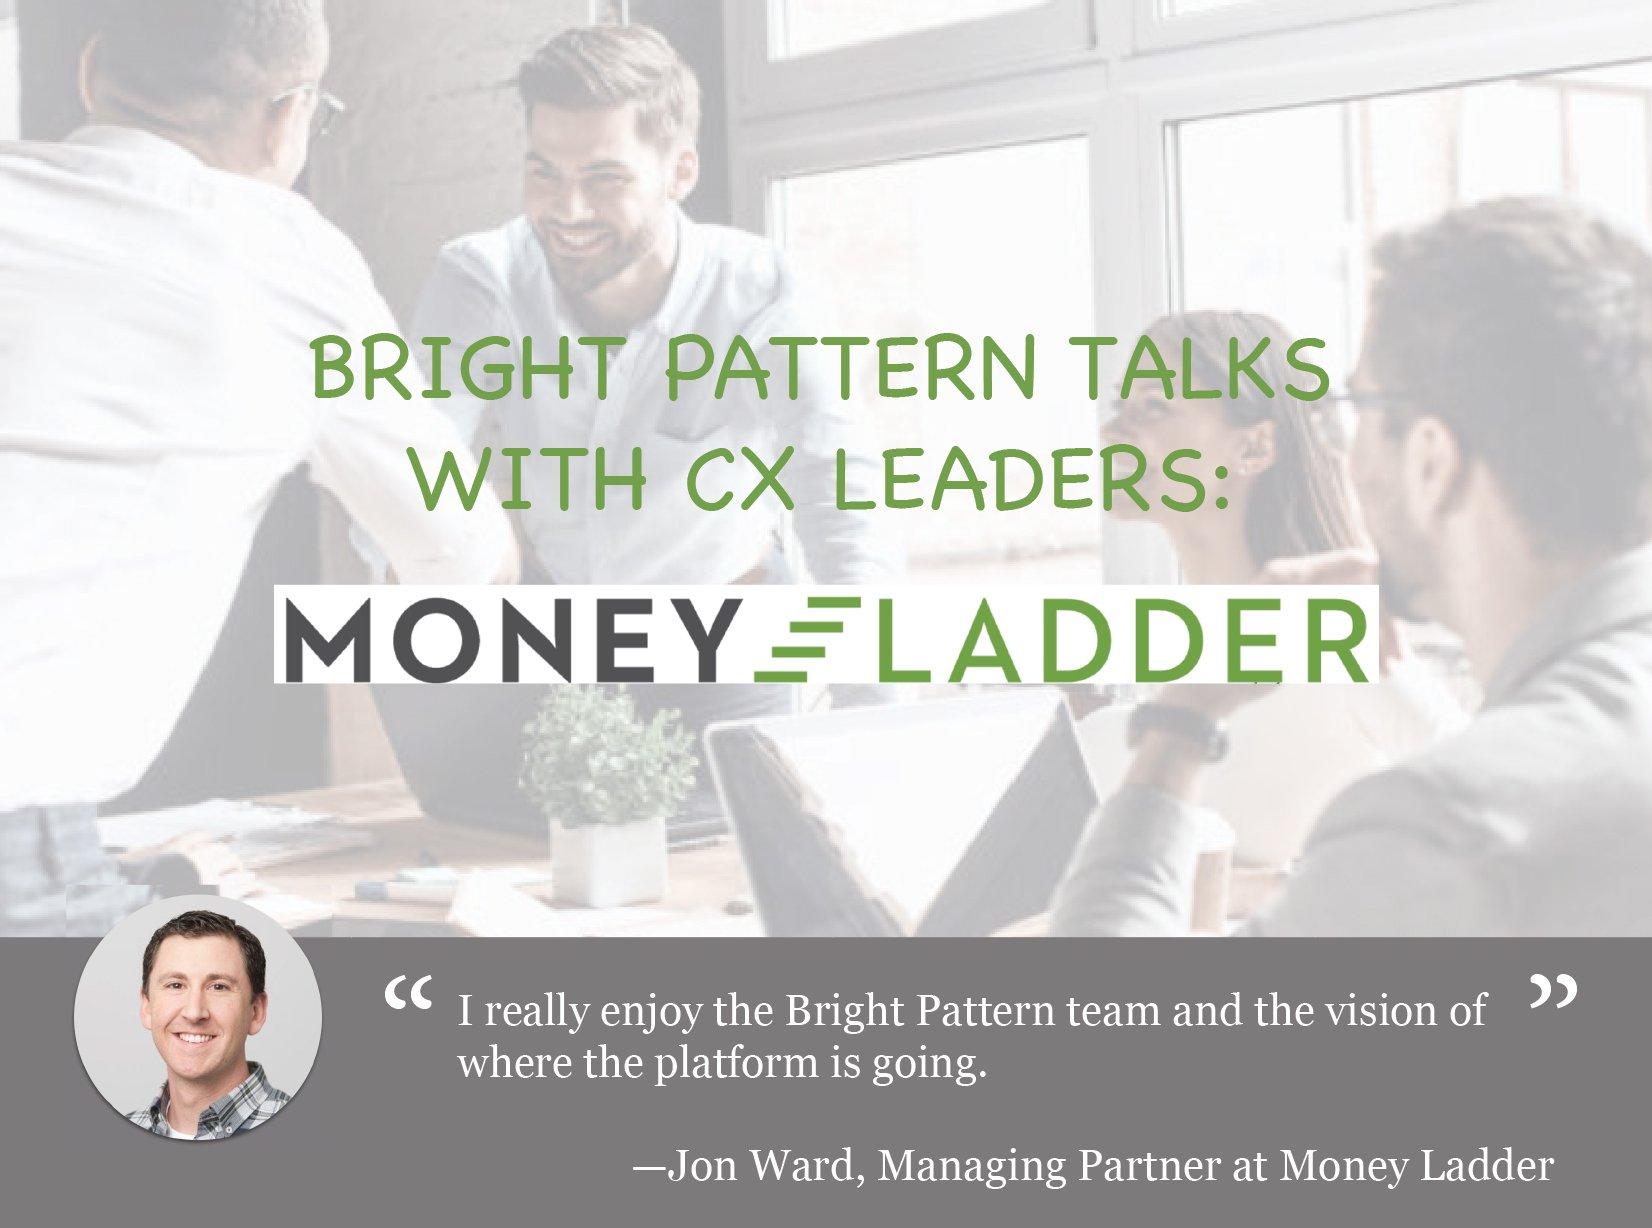 Money Ladder CX Leader